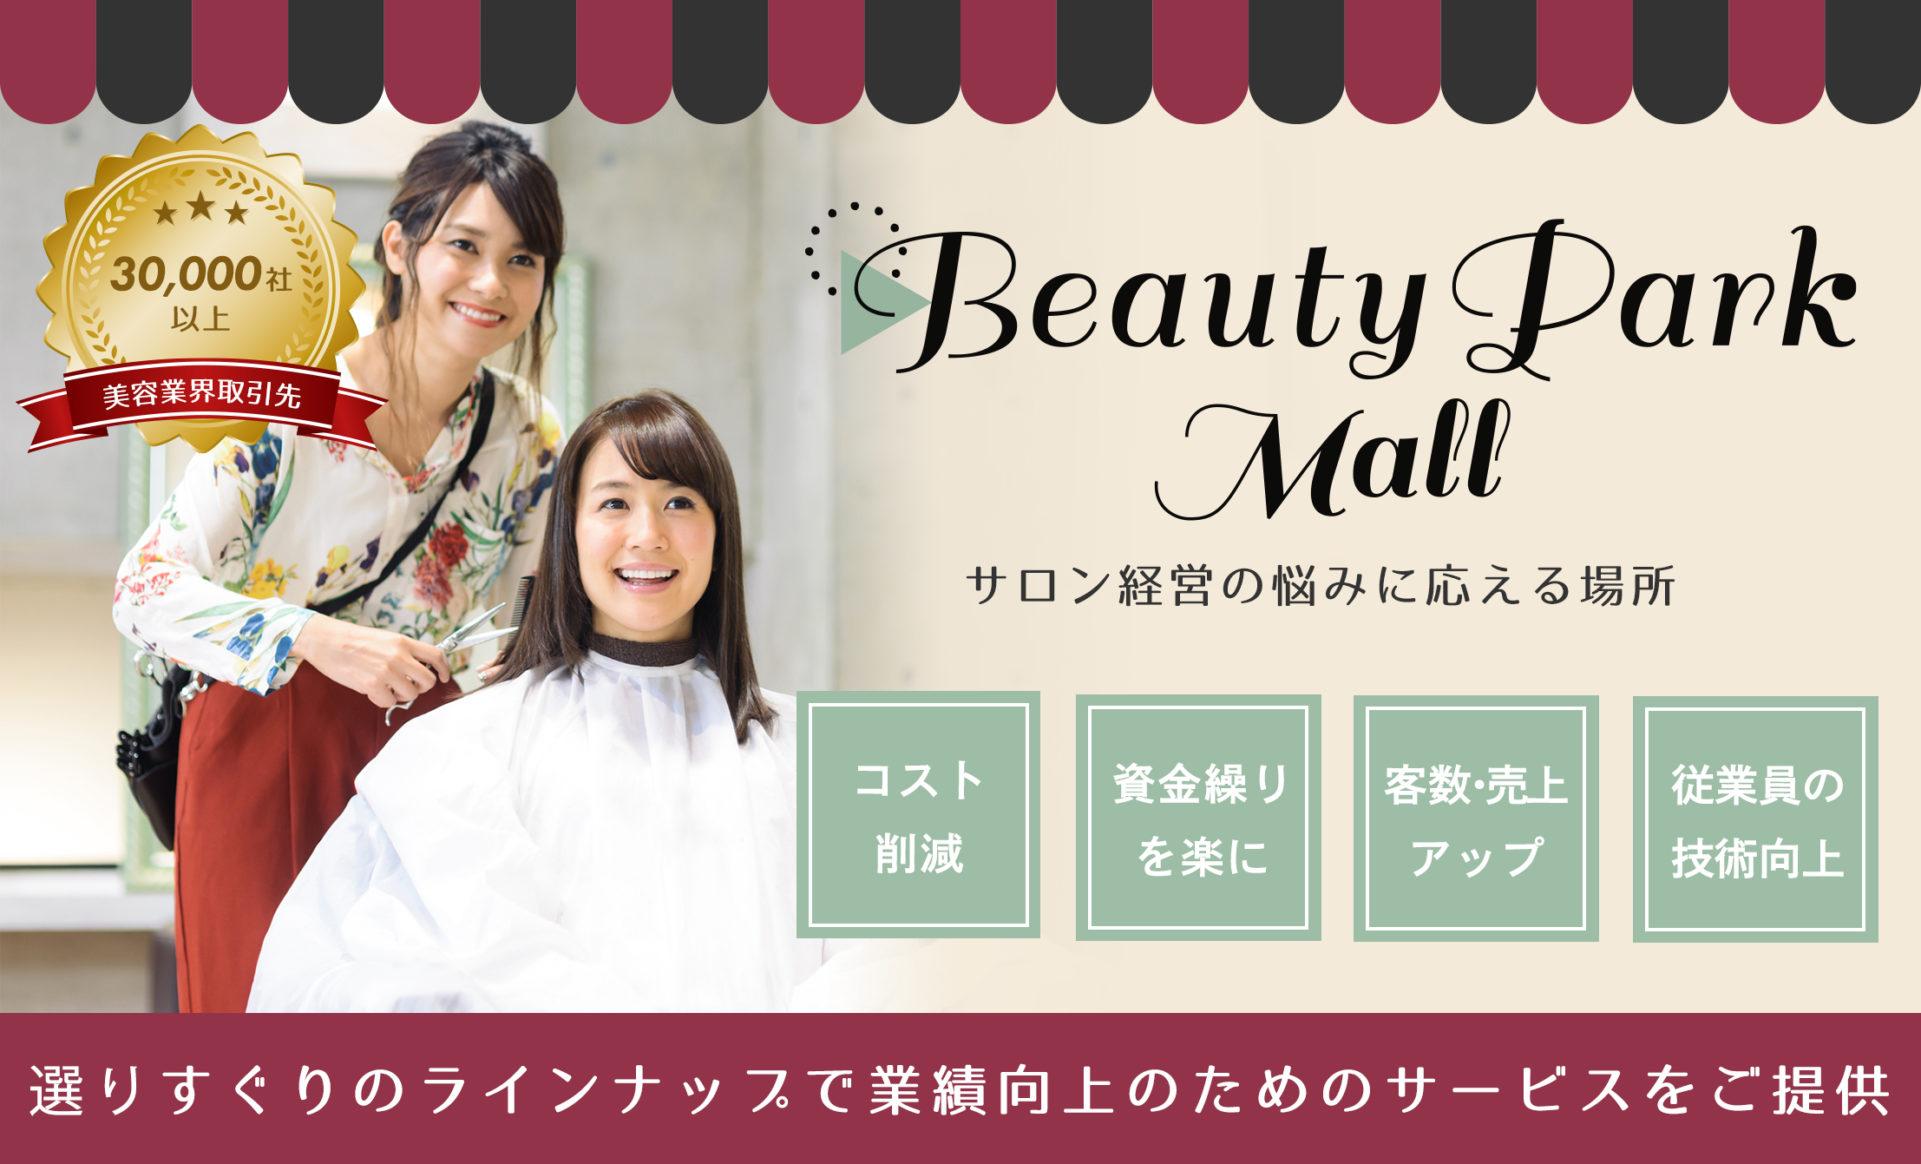 Beauty Park Mall サロン経営の悩みに答える場所、コスト削減、資金繰りを楽に、客数・売上アップ、従業員の技術向上、選りすぐりのラインナップで業績向上のためのサービスをご提供